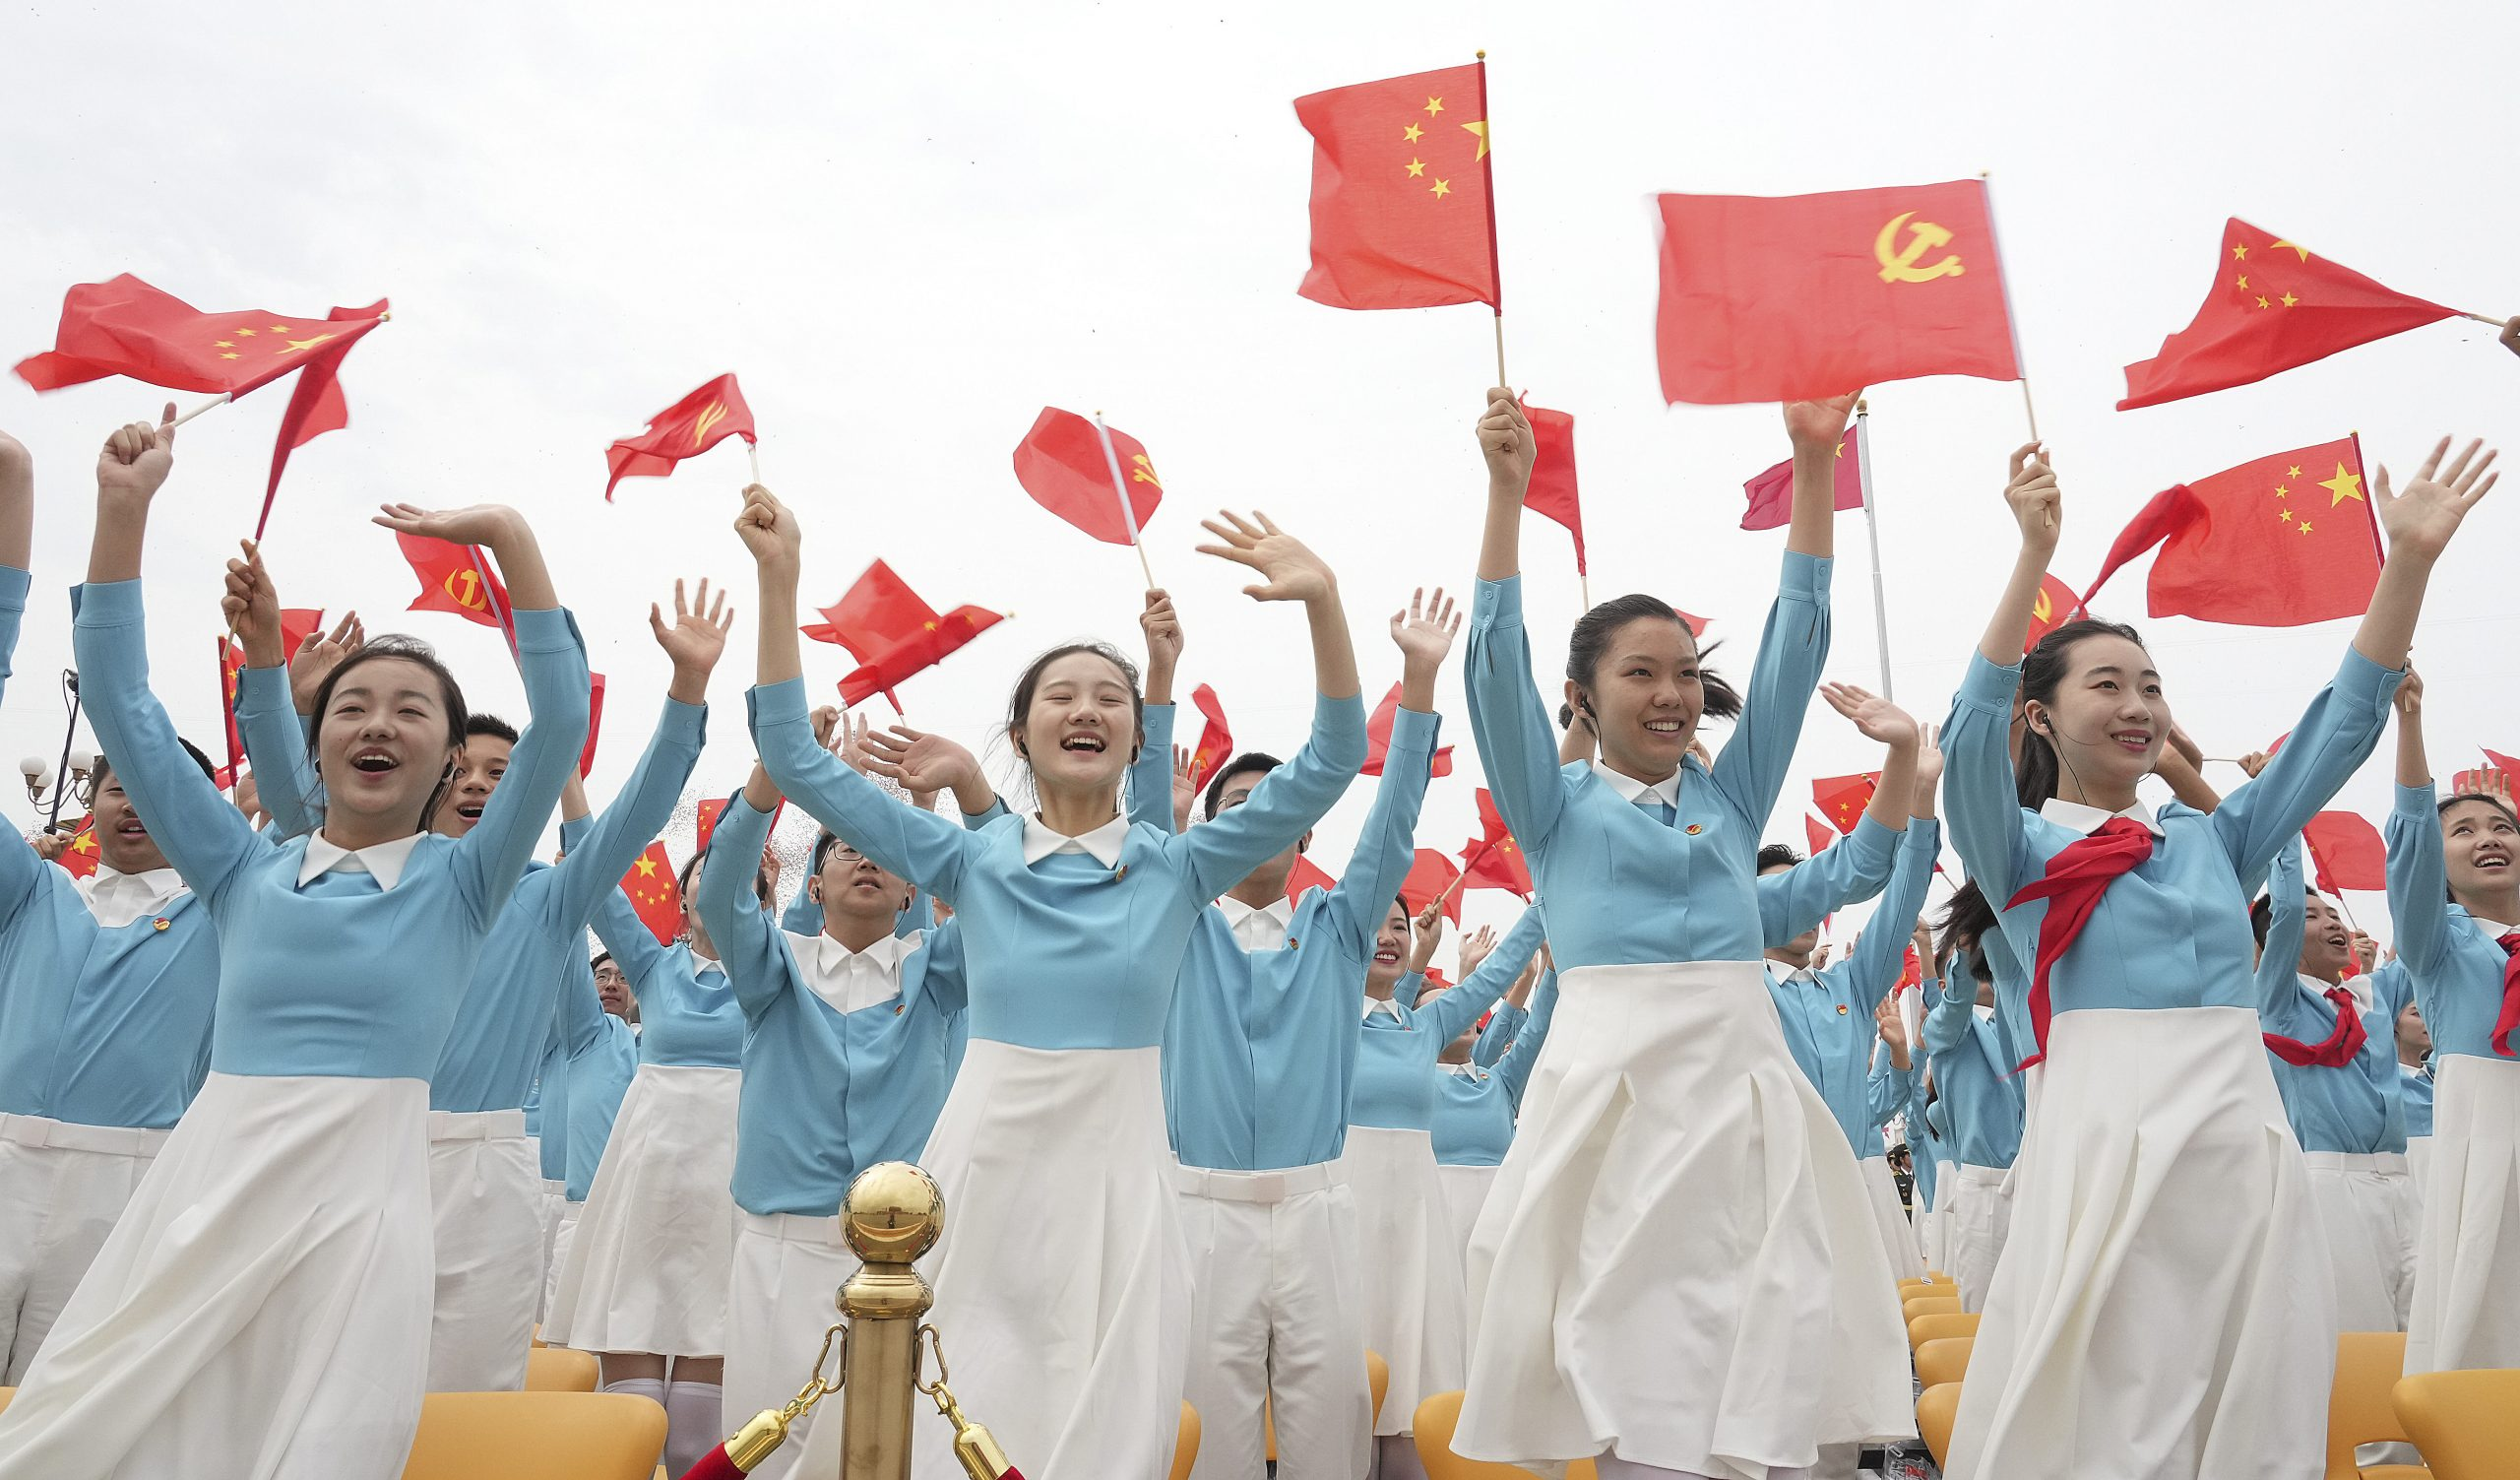 Xi señala que el futuro pertenece a los jóvenes